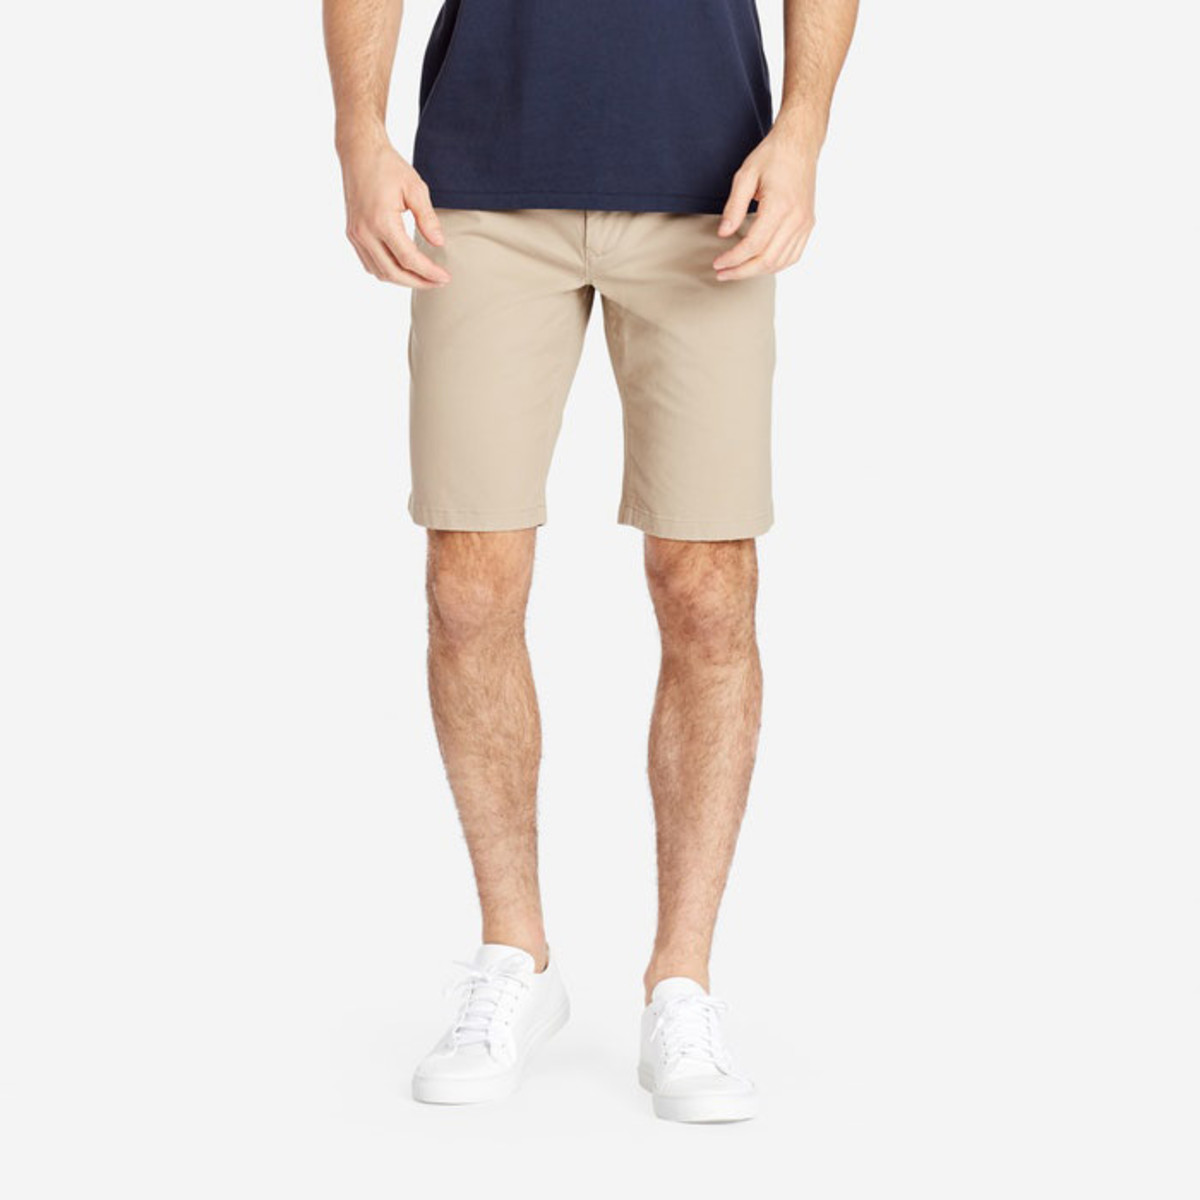 bonobos-shorts.jpg